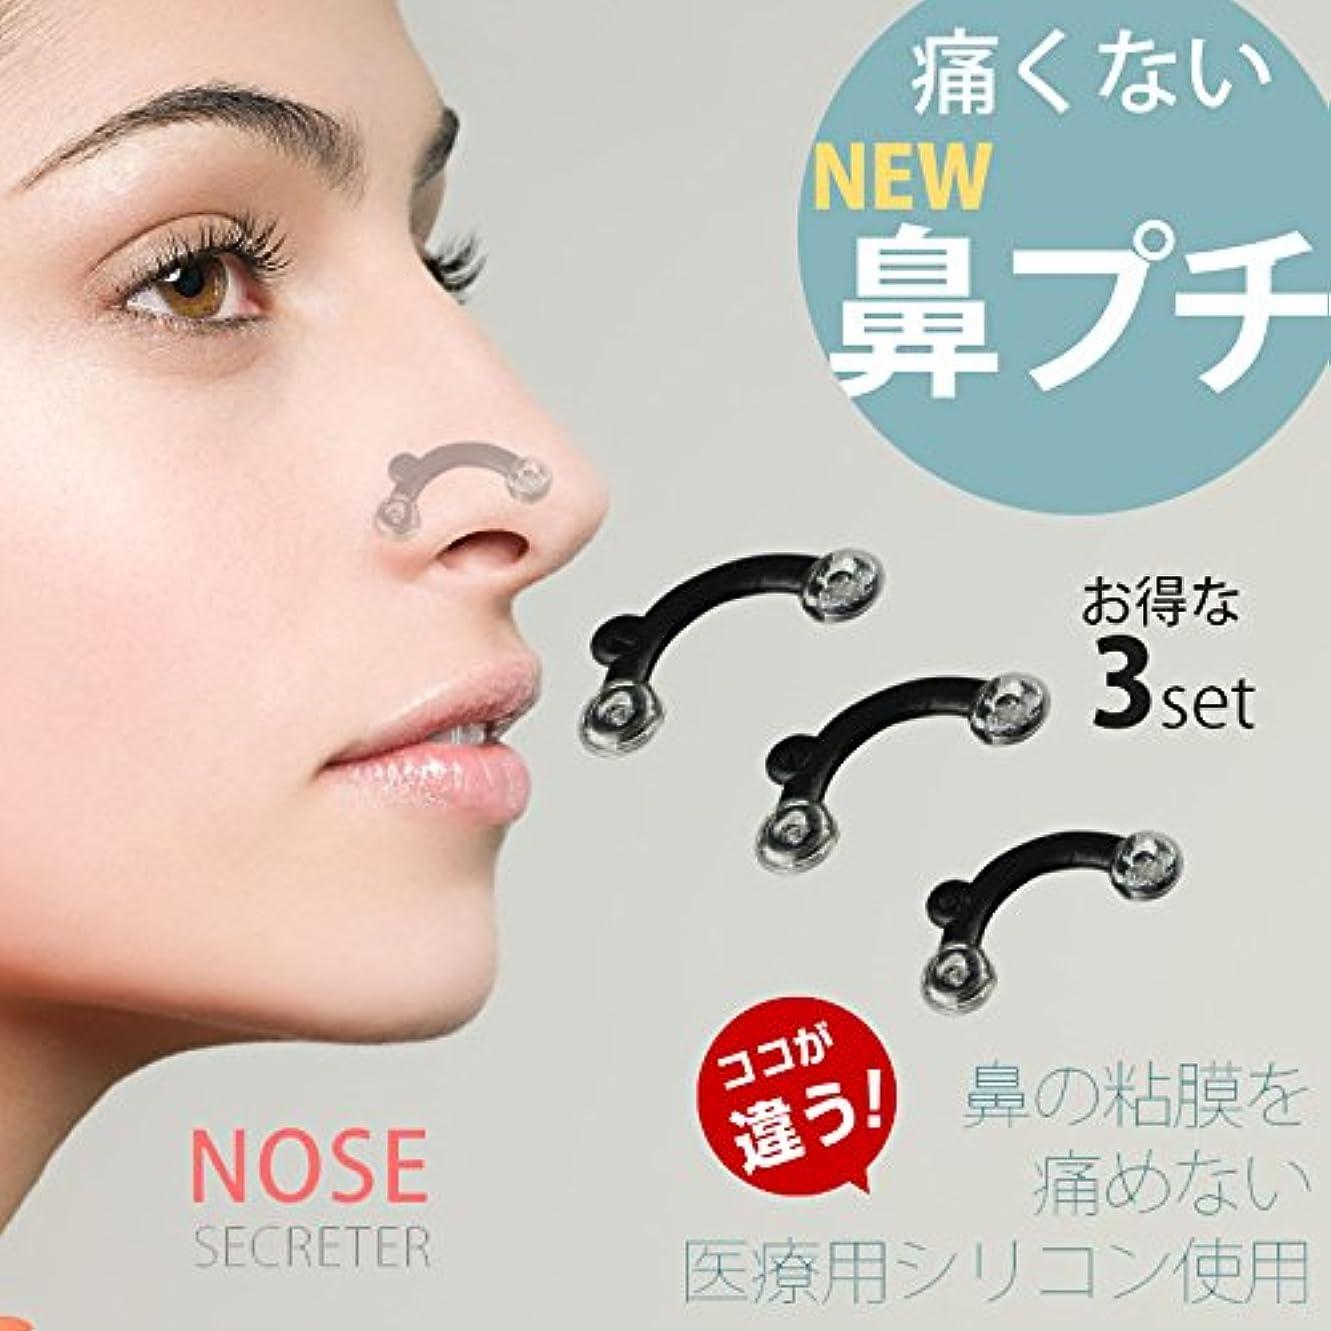 競争力のある平等舌OUSENEI 鼻プチ 矯正プチ 美鼻 整形せず 医療用シリコン製 柔らかい 痛くない ハナのアイプチ 24.5mm/25.5mm/27mm 全3サイズ 3点セット (ブラック)